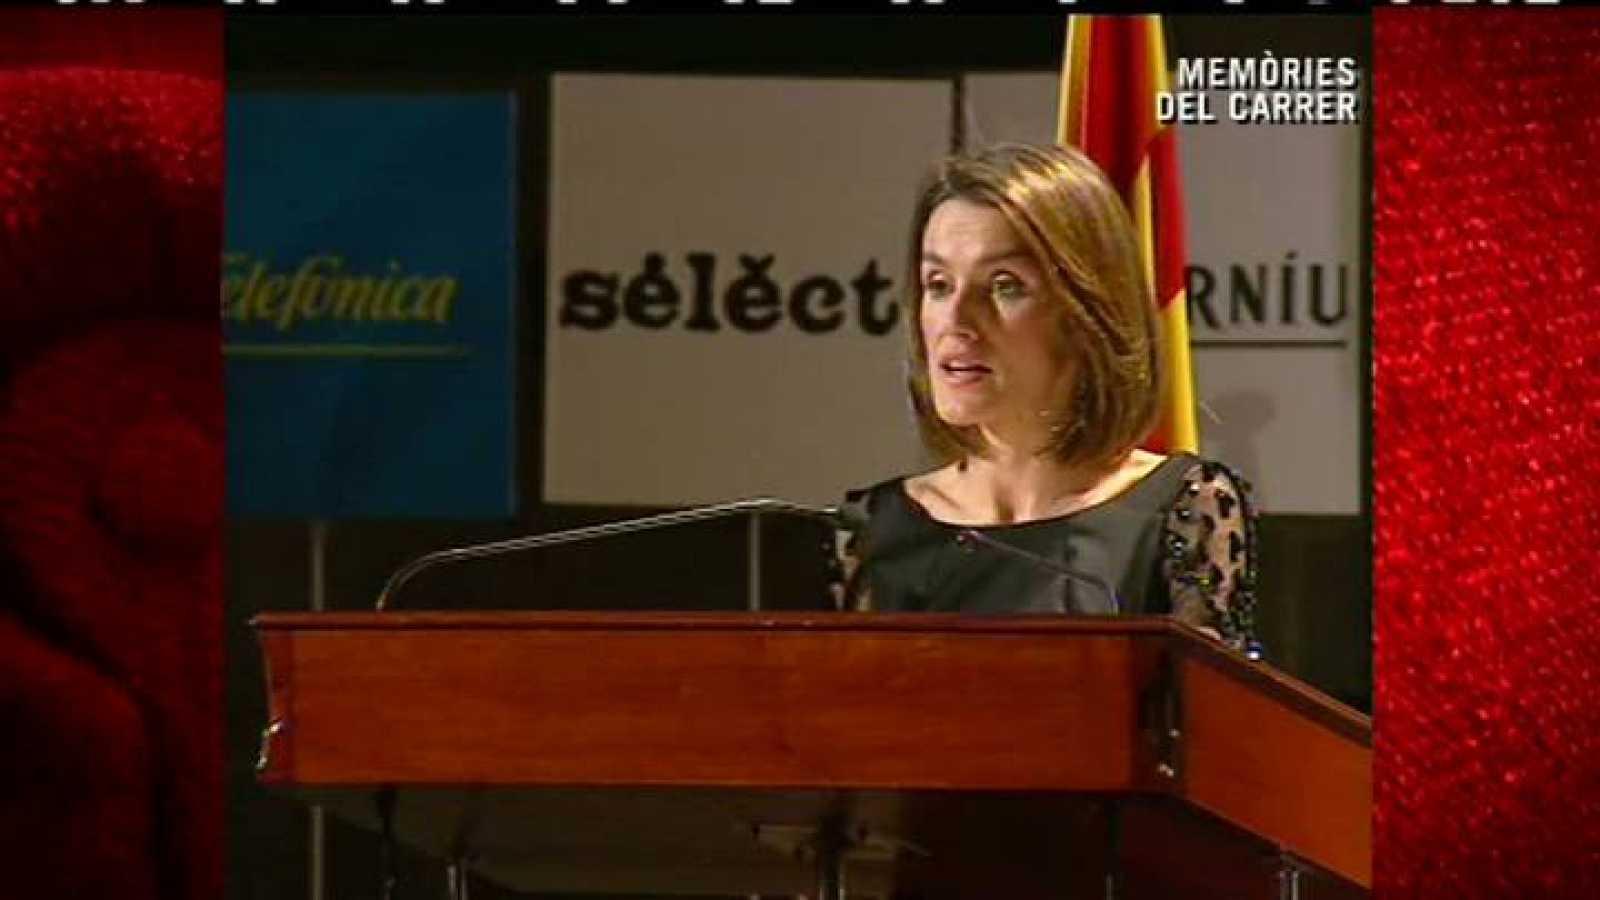 Les visites de la Casa reial a Catalunya i Els decoradors